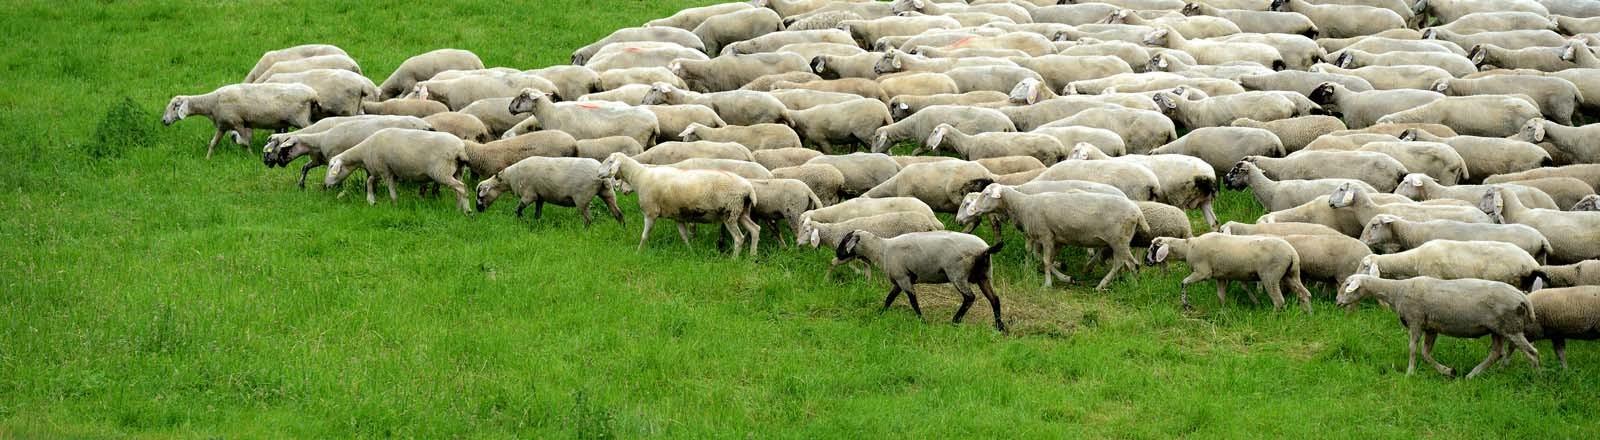 Eine Schafsherde